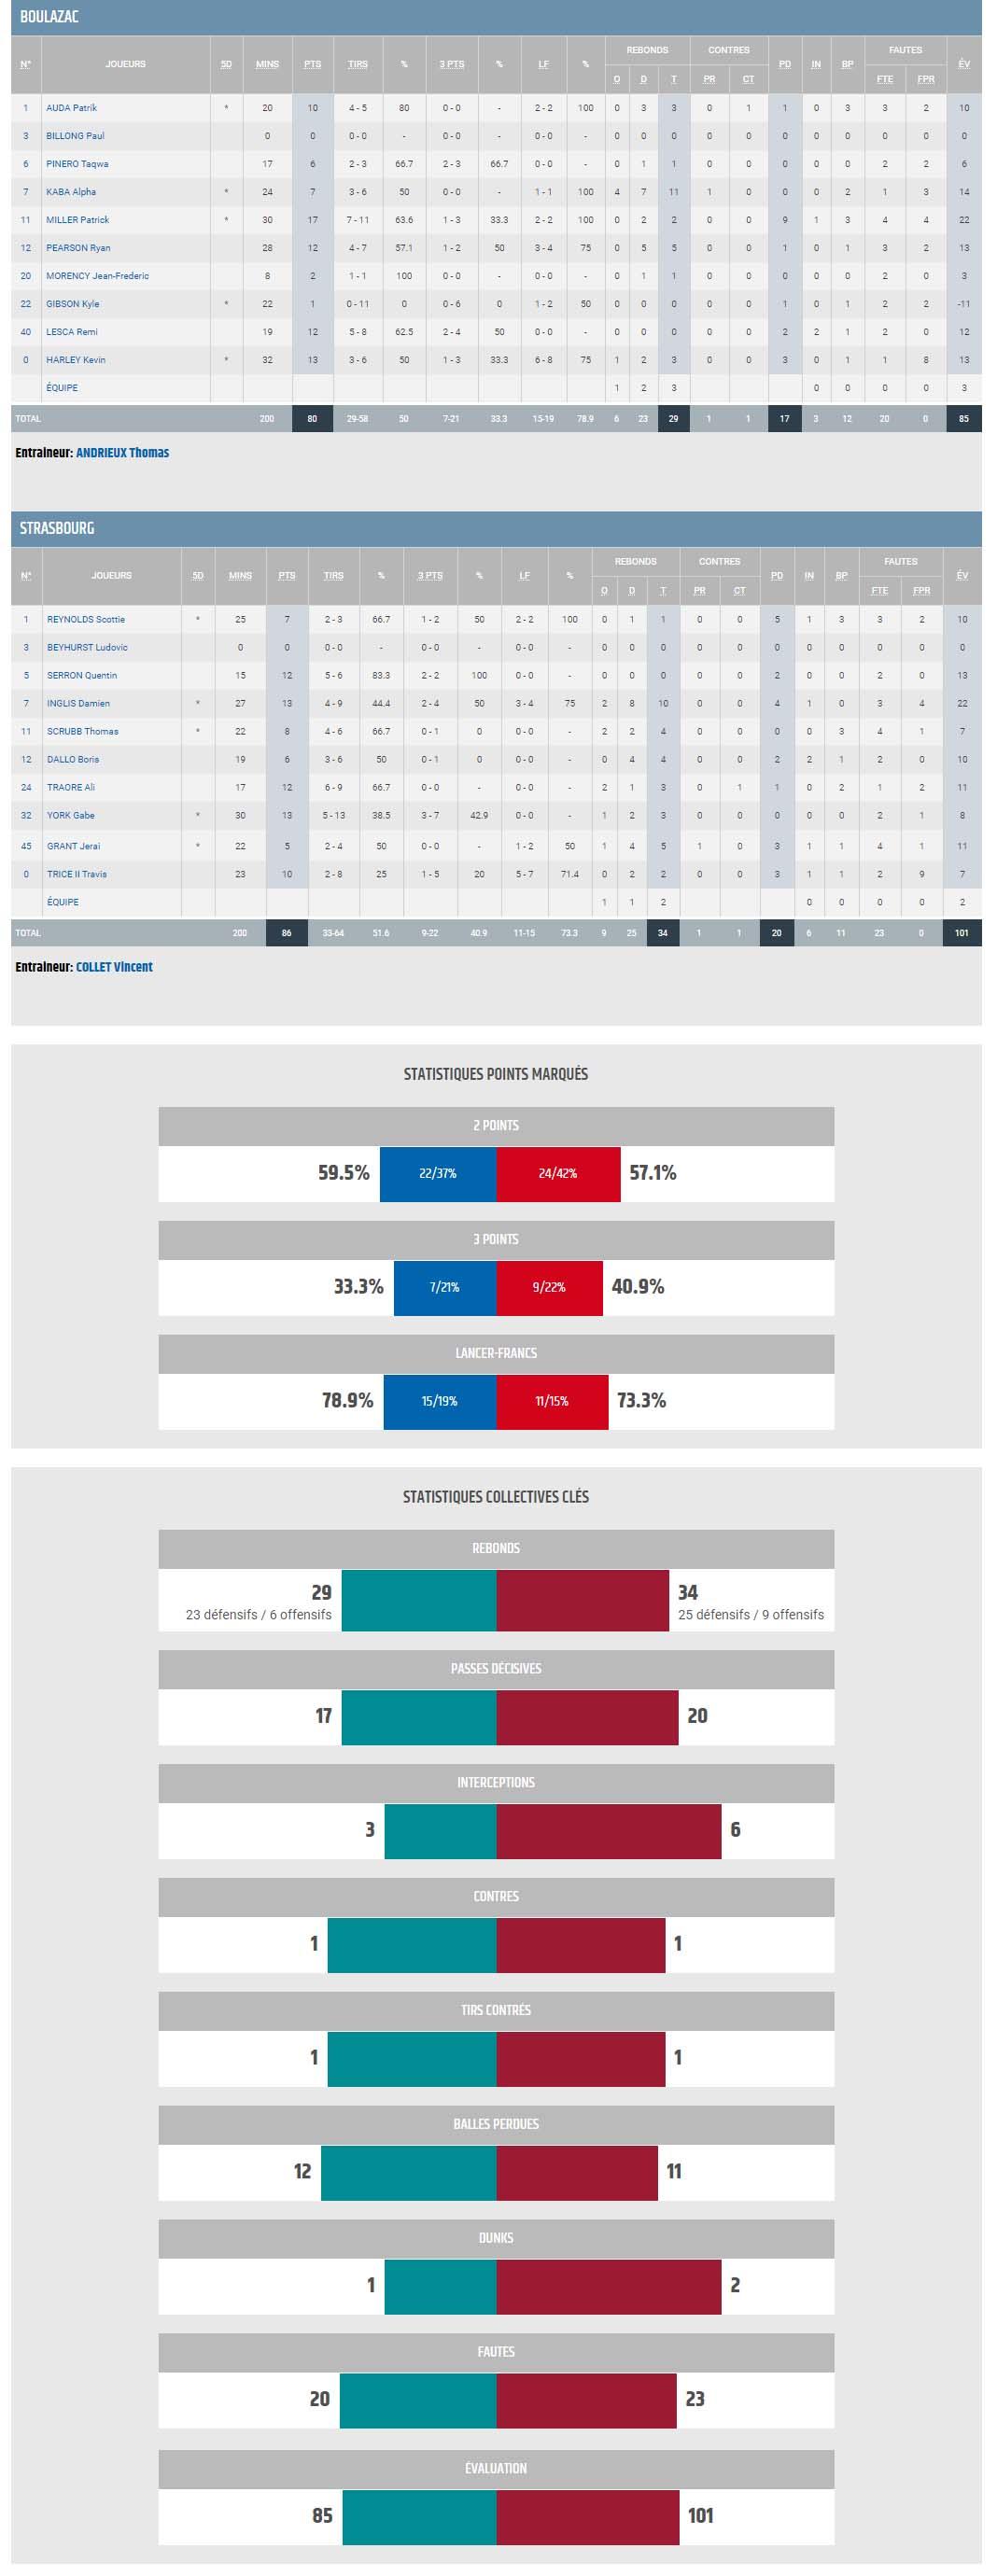 J17 BBD vs STRASBOURG_STATS